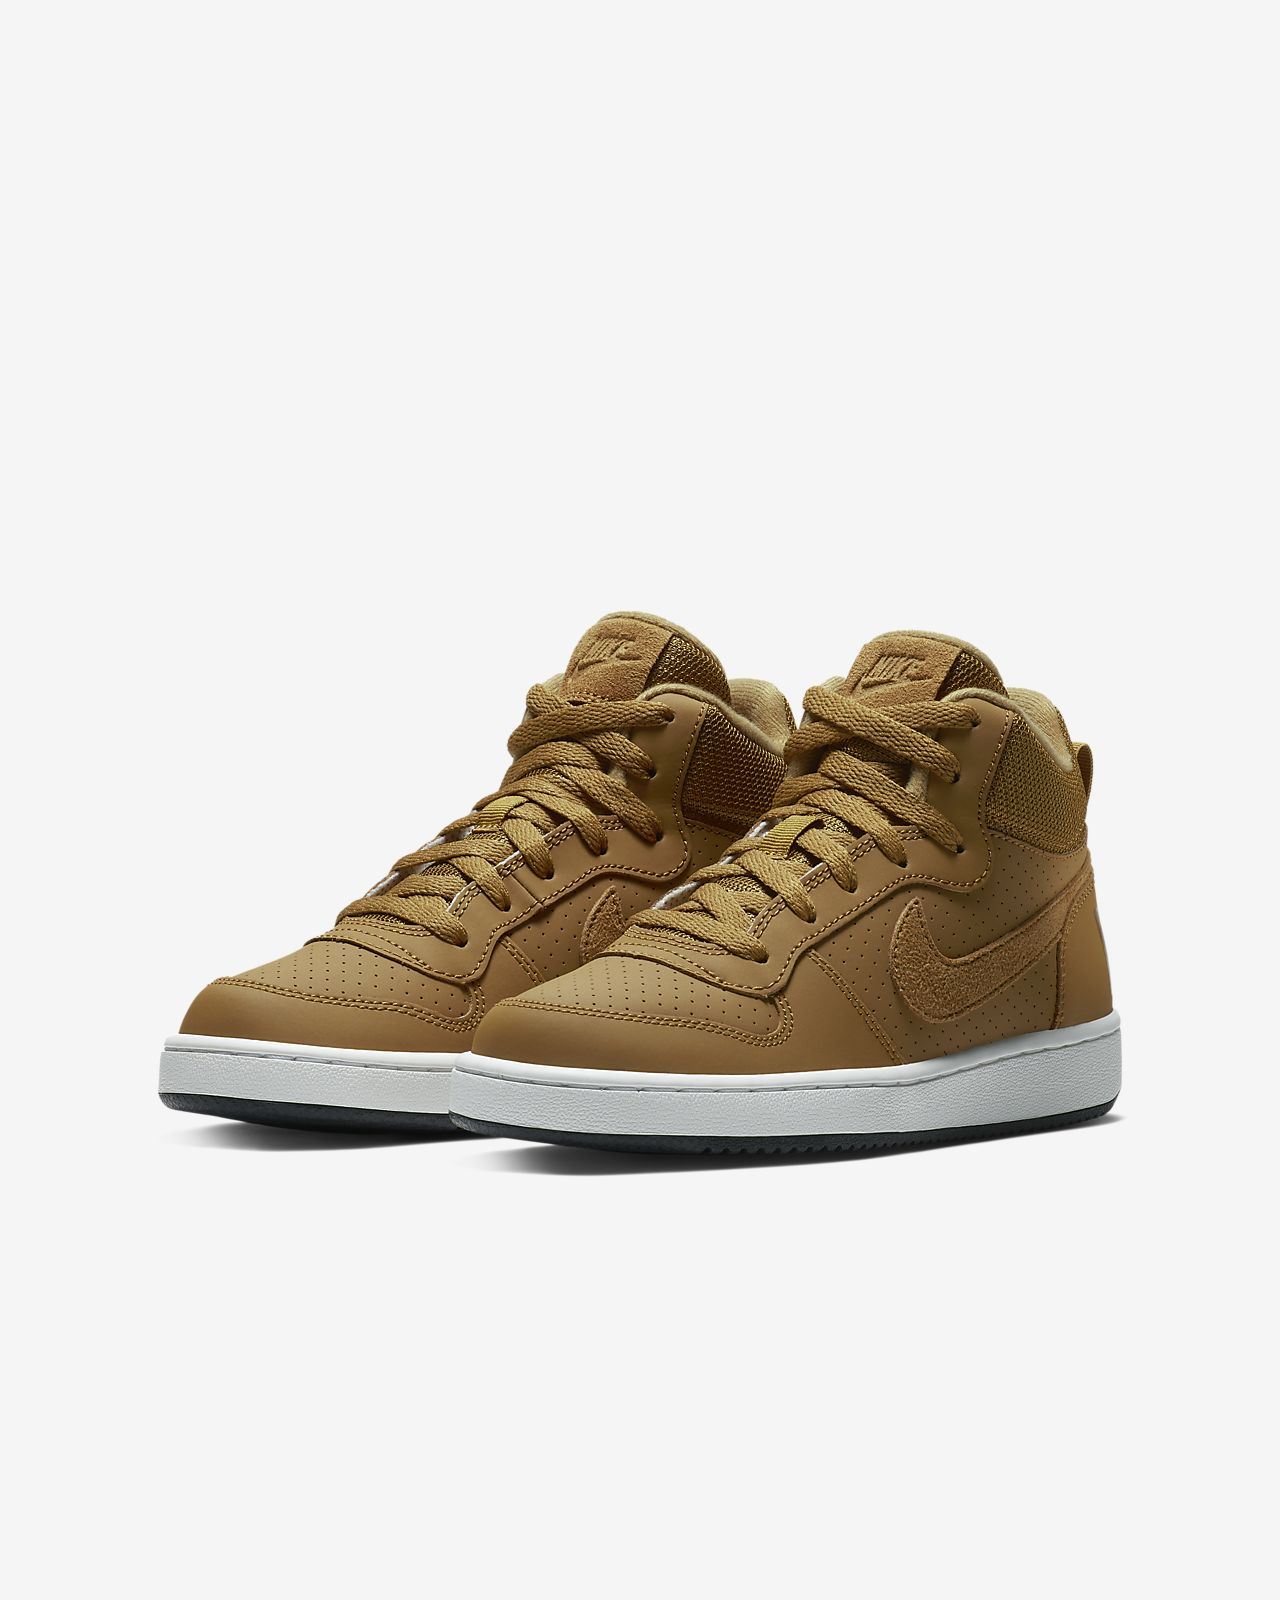 Borough Chaussure Pour Âgé Court Plus Nike Enfant Mid 4AR5jLc3q